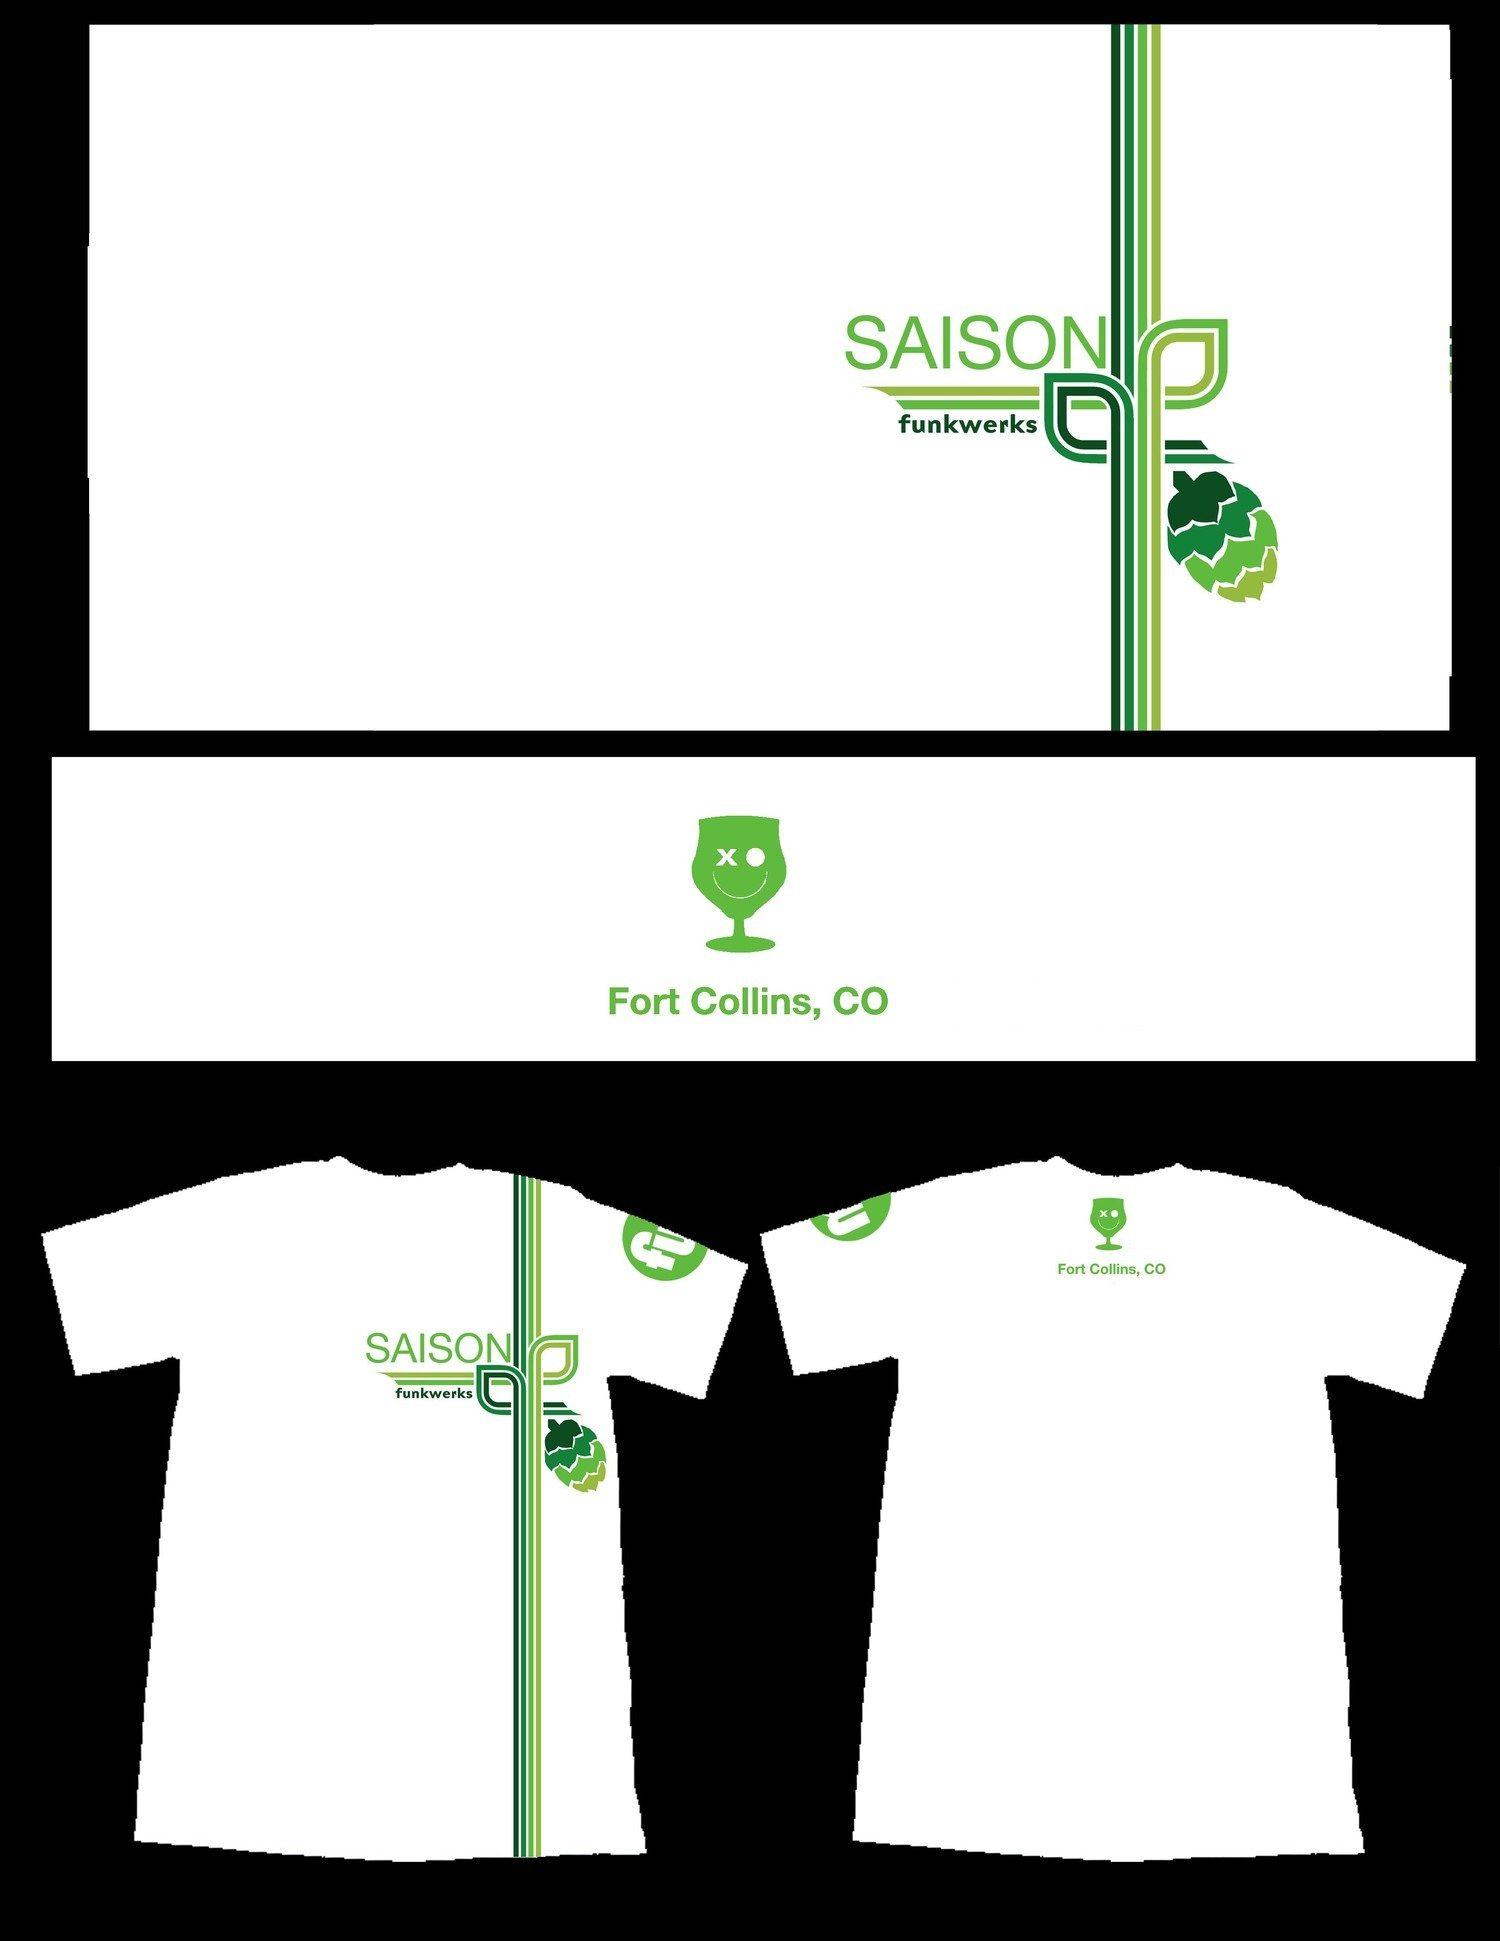 saison_vert_shirts